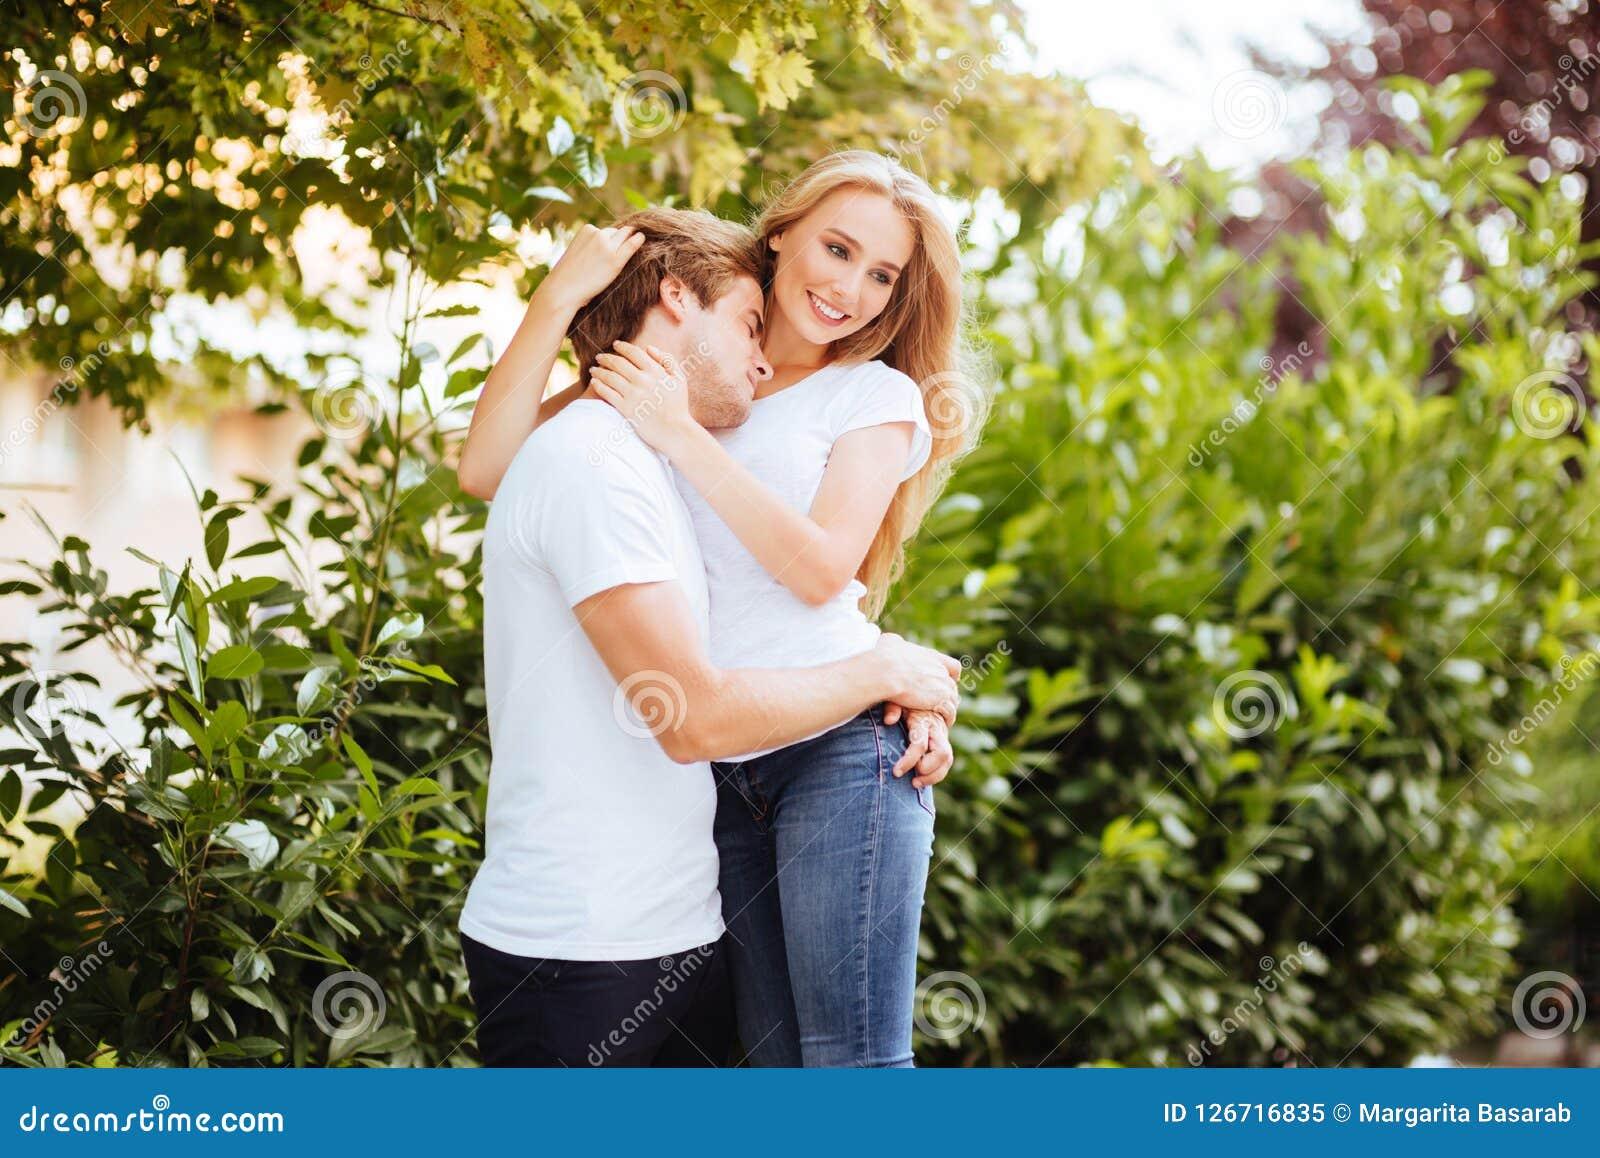 夫妇公园微笑